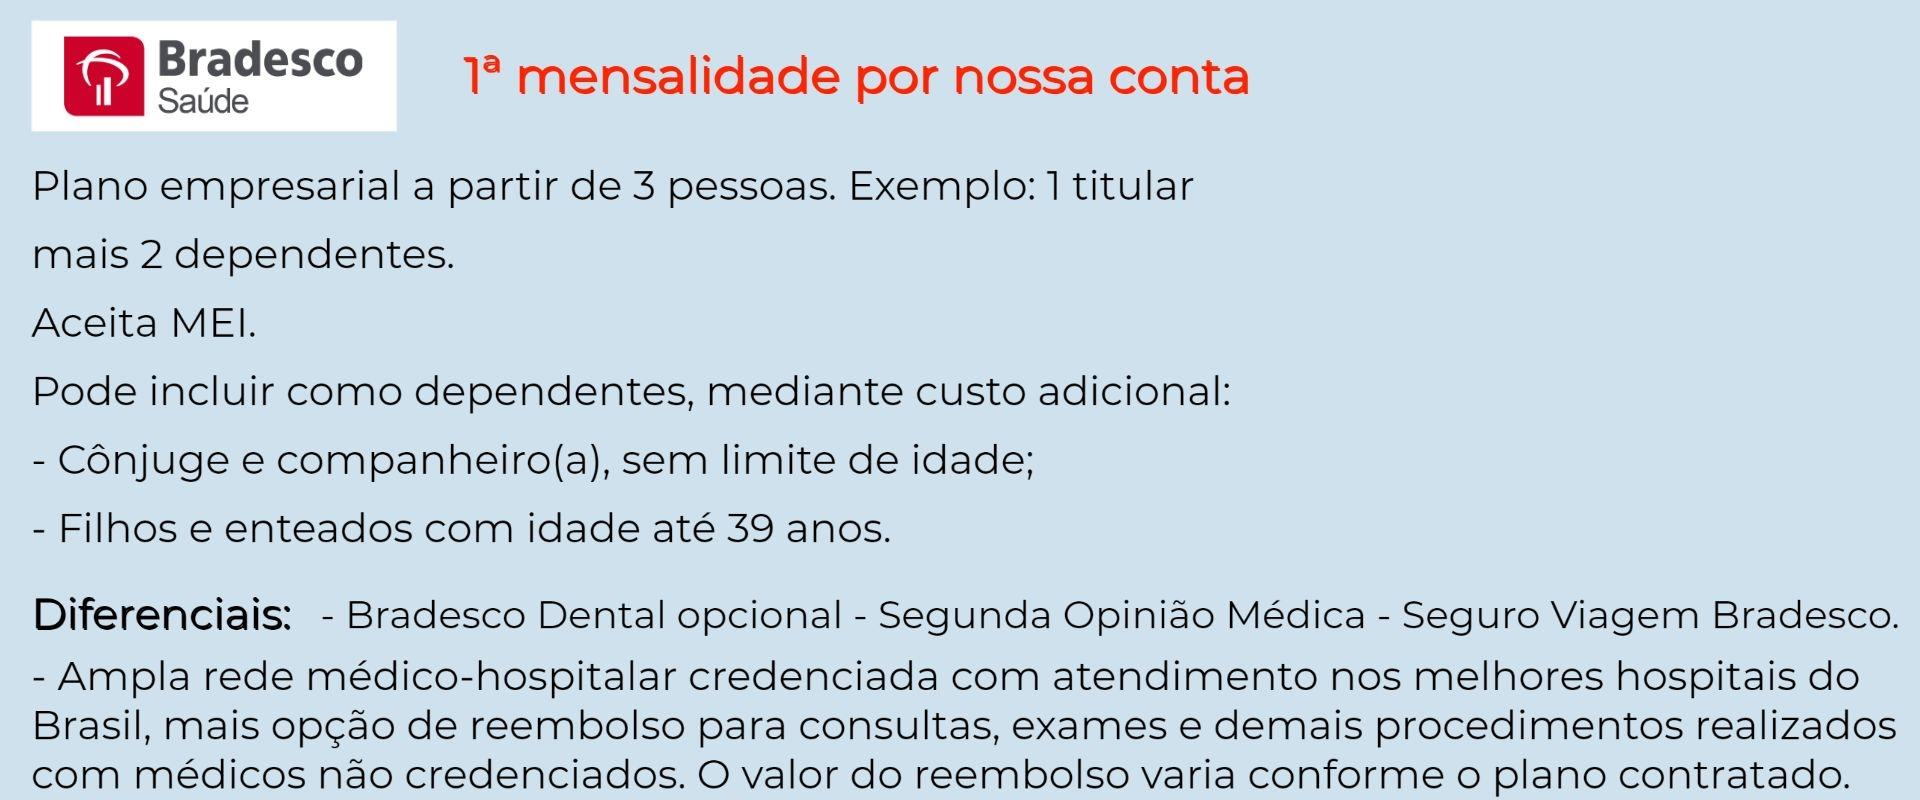 Bradesco Saúde Empresarial - Resende